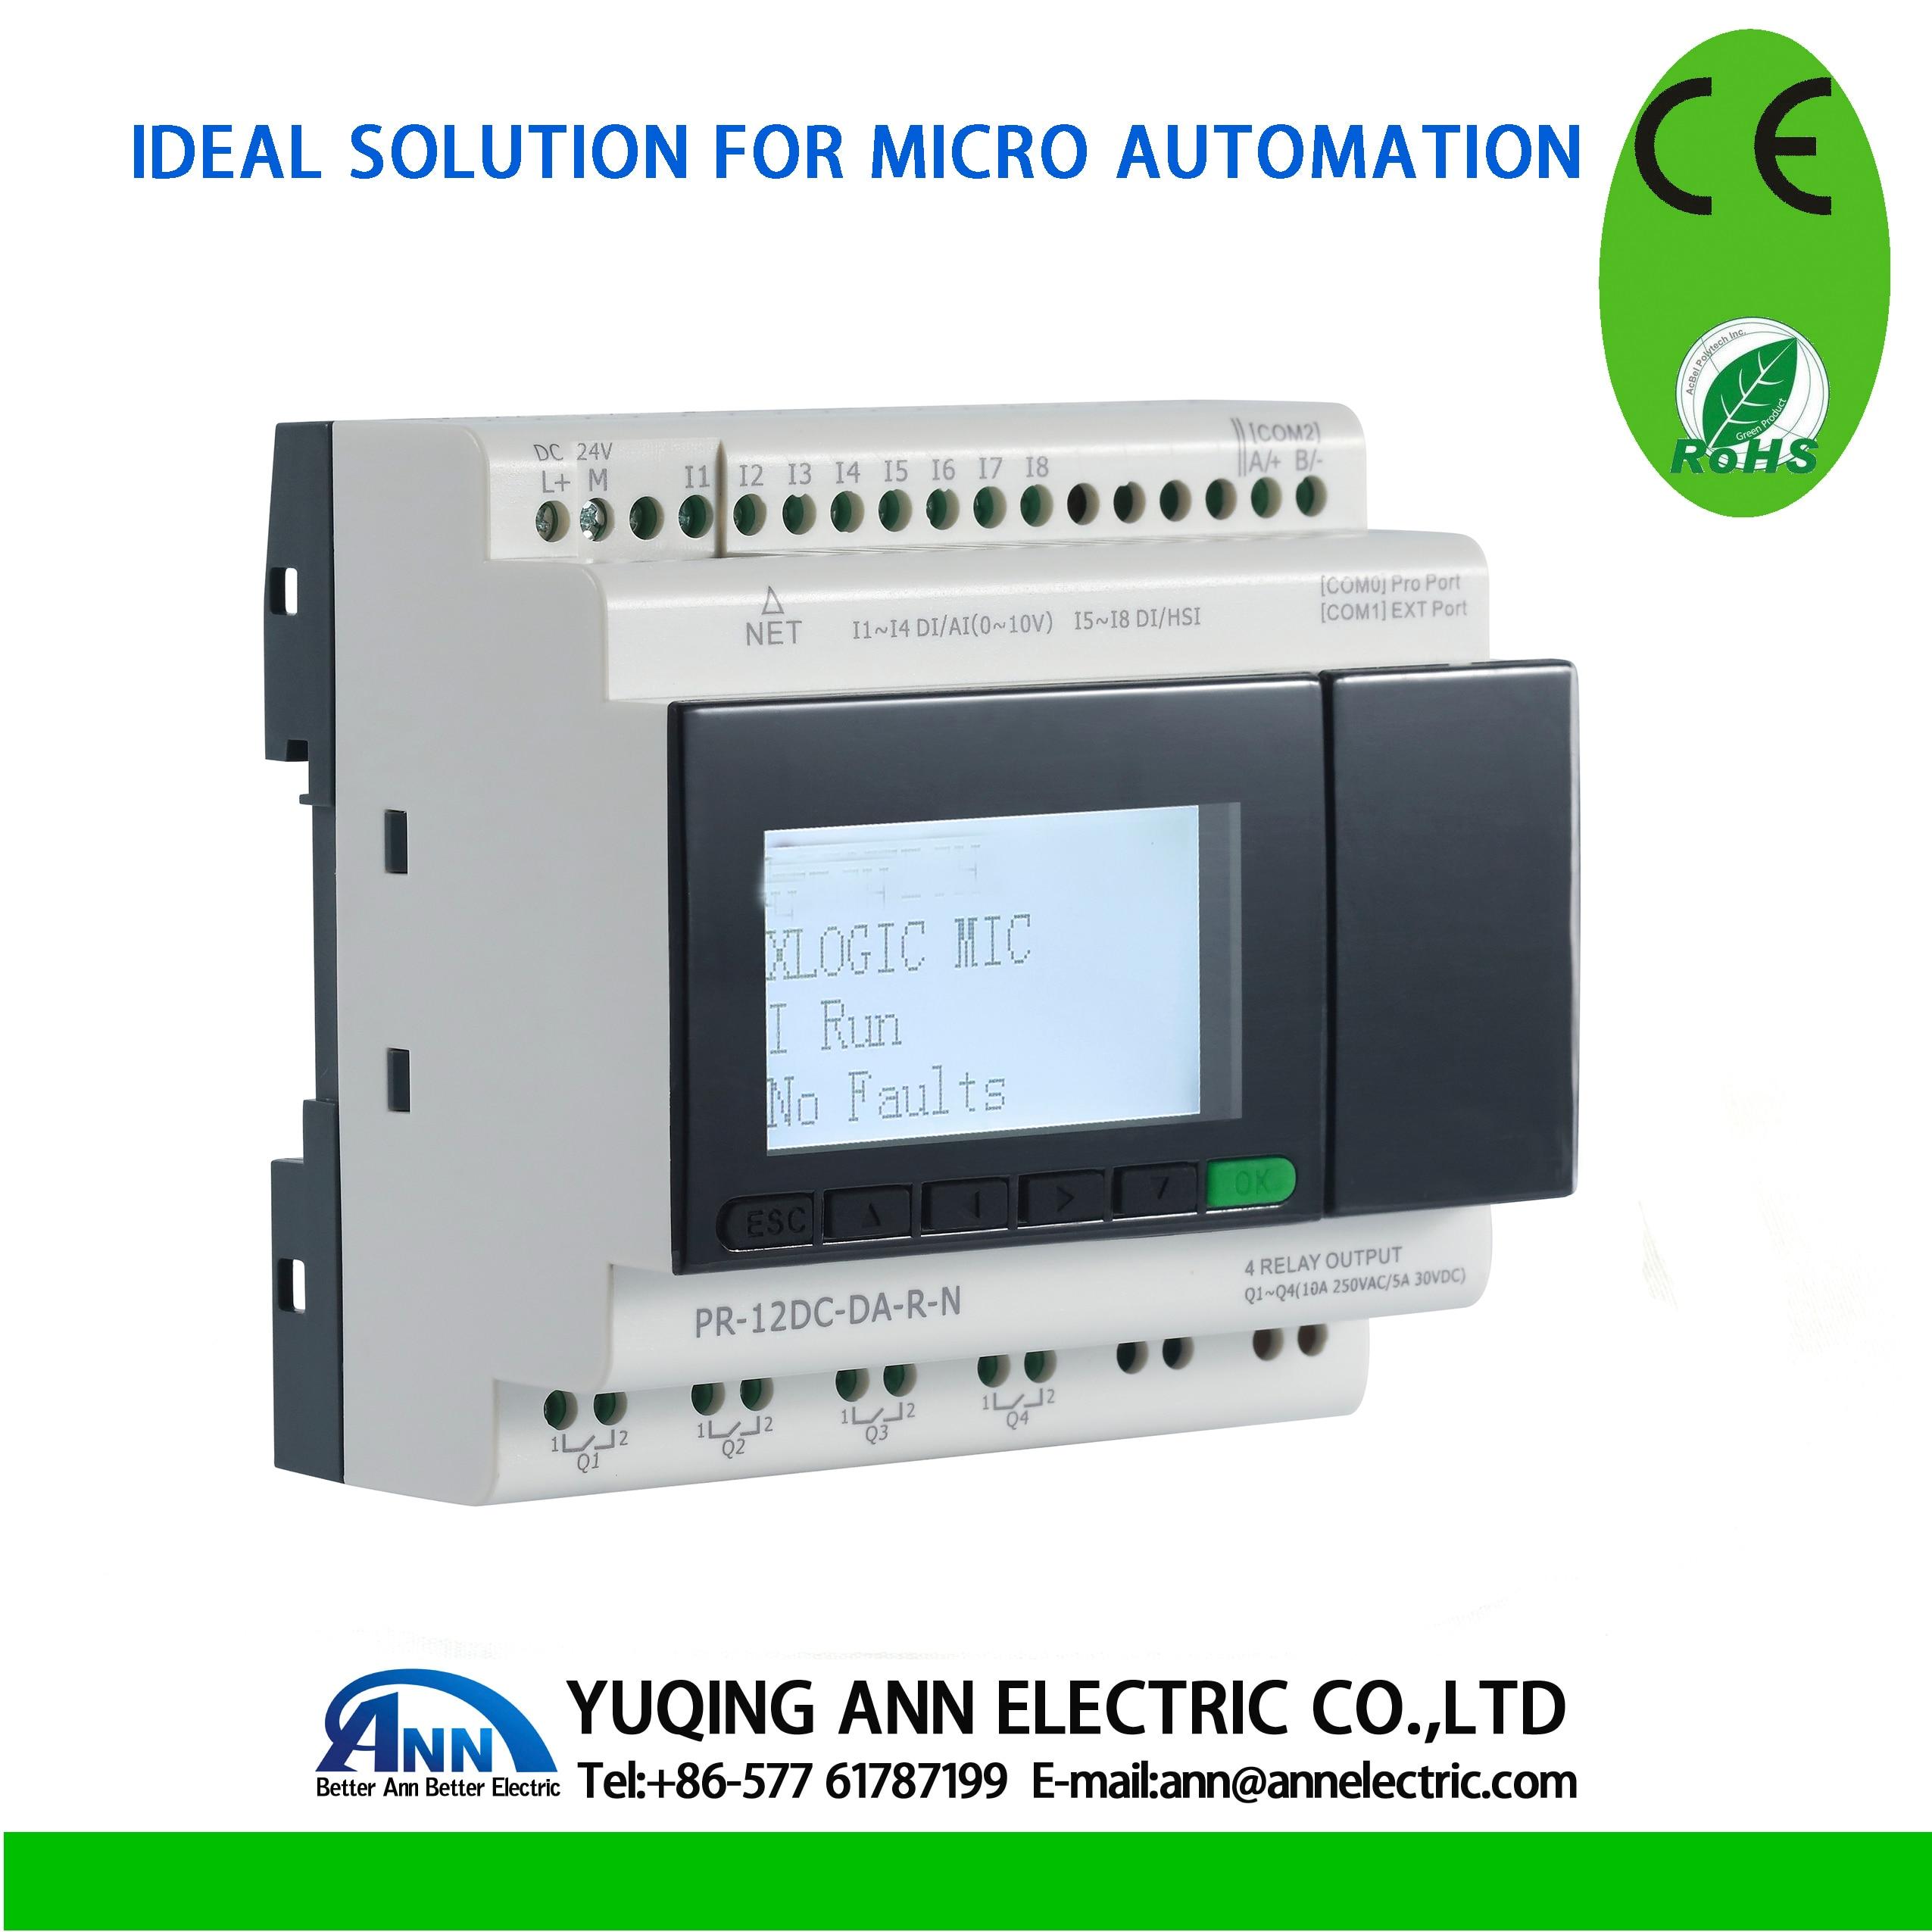 PR-12DC-DA-R-N avec écran LCD, sans câble, DC 24 V, 4 DI/AI + 4DI, 4DO, mini PLC, contrôleur logique programmable, PLC, relais intelligent